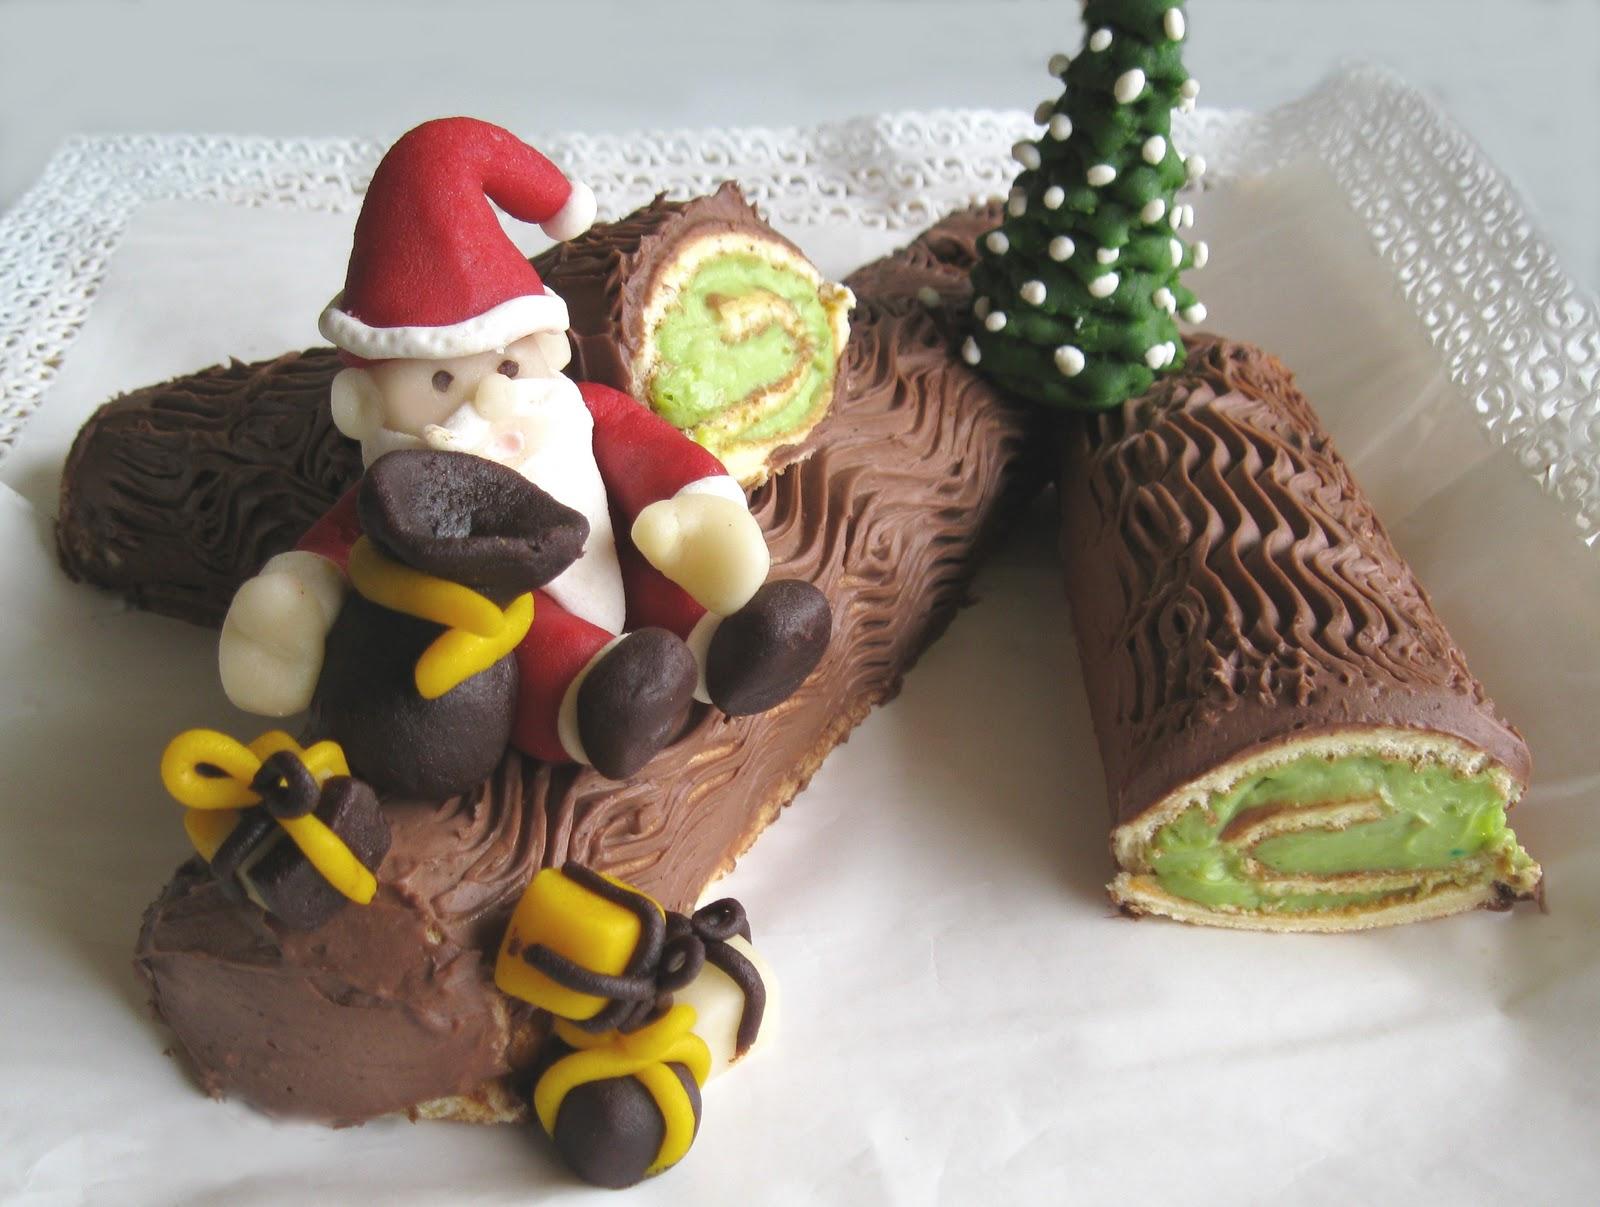 Tronchetto Di Natale Luca Montersino.Tronchetto Di Natale 2011 La Cassata Celiaca